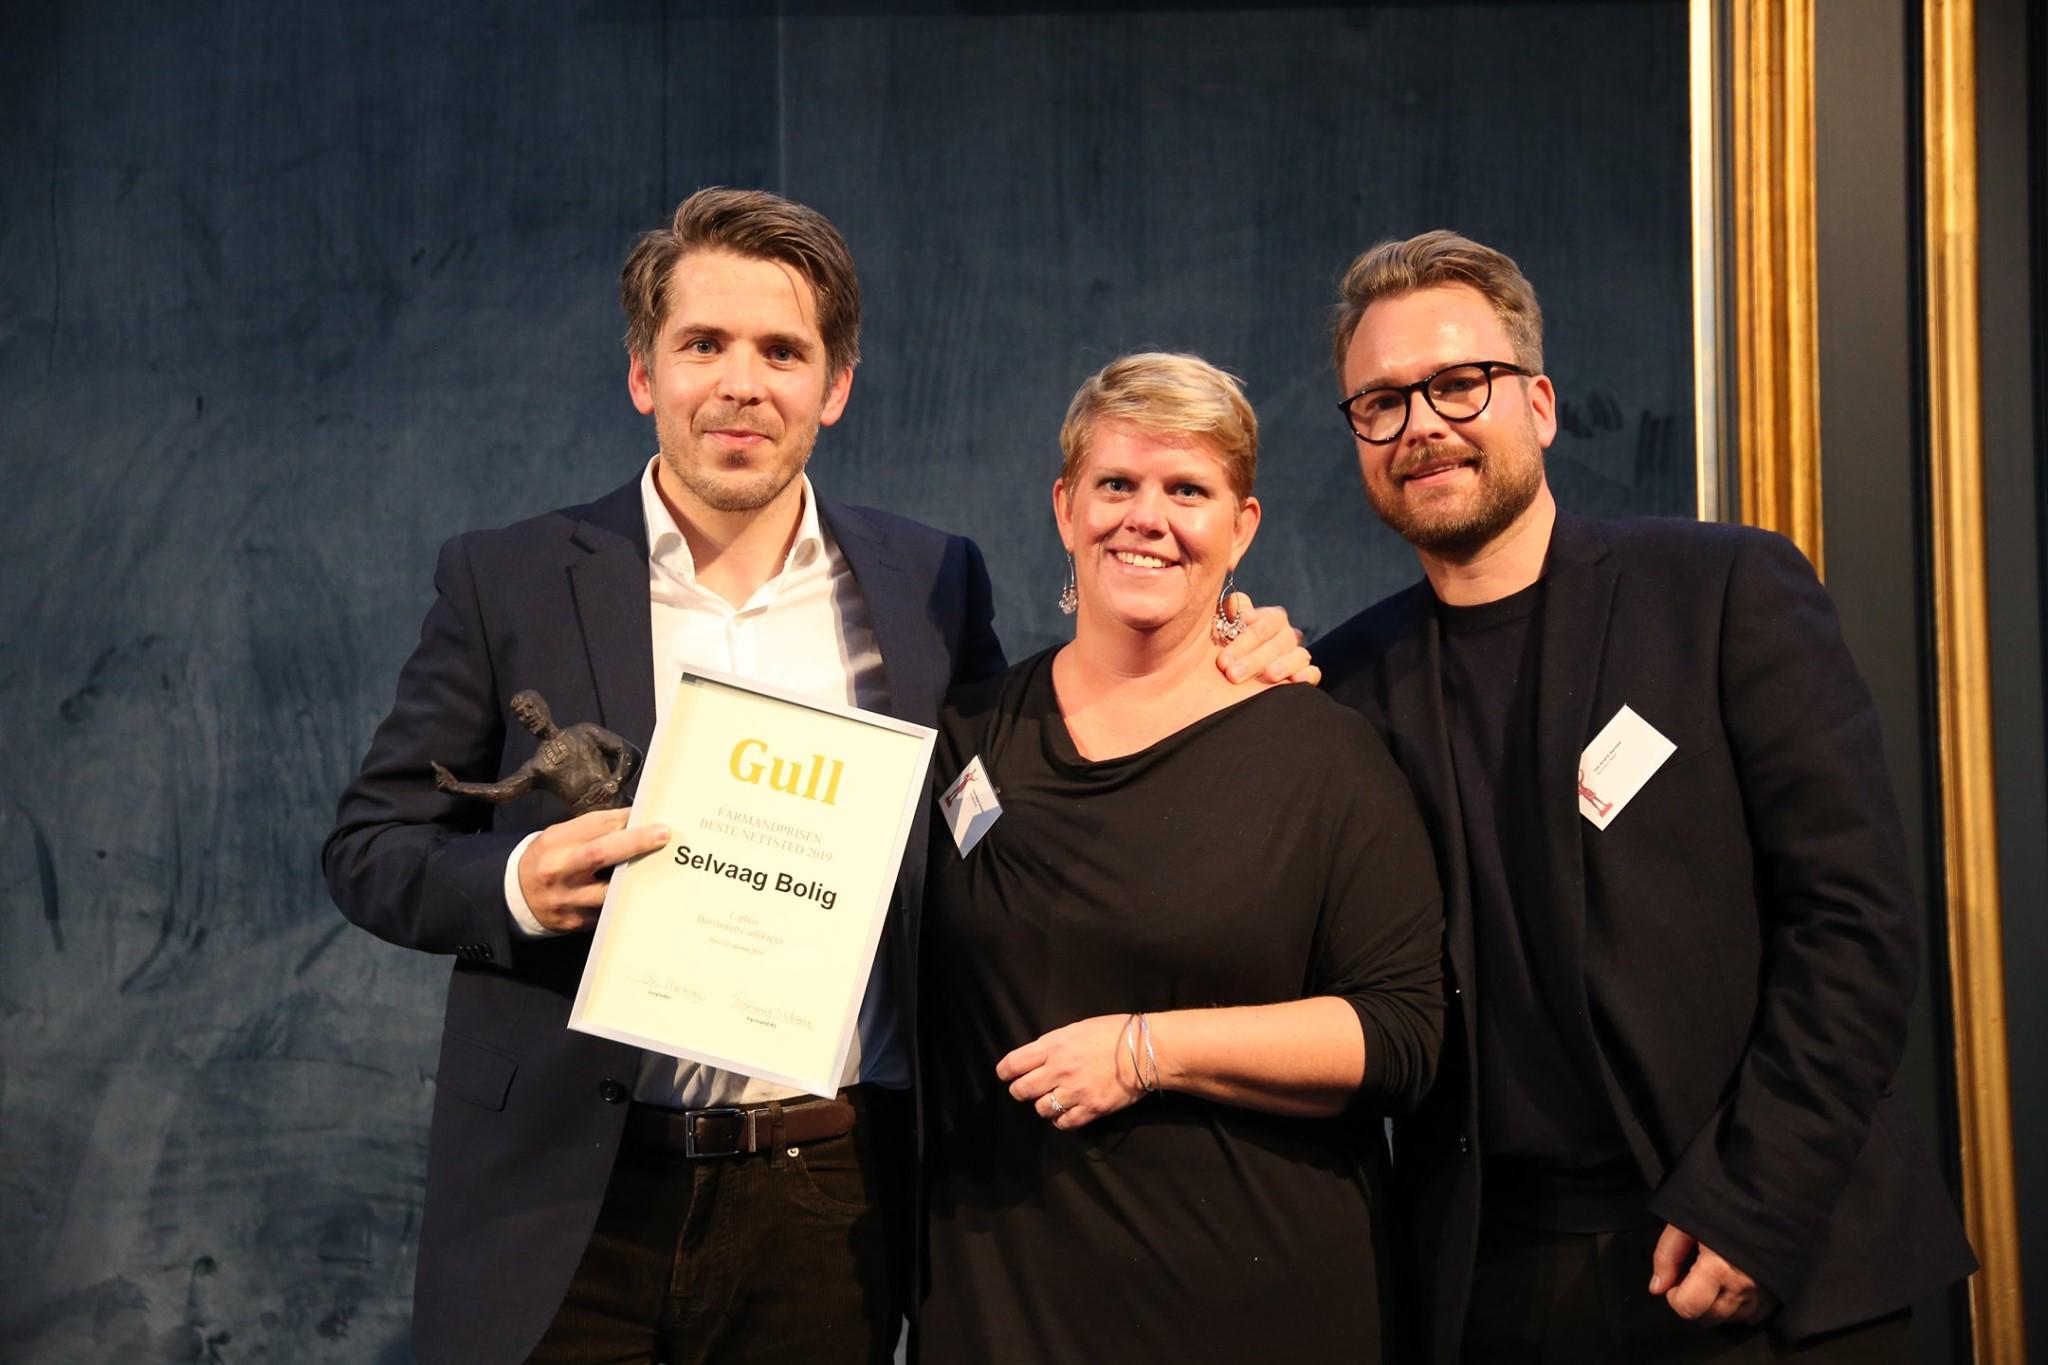 Nettsted Børsnoterte selskaper - 1. plass Selvaag Bolig med selvaagbolig.no